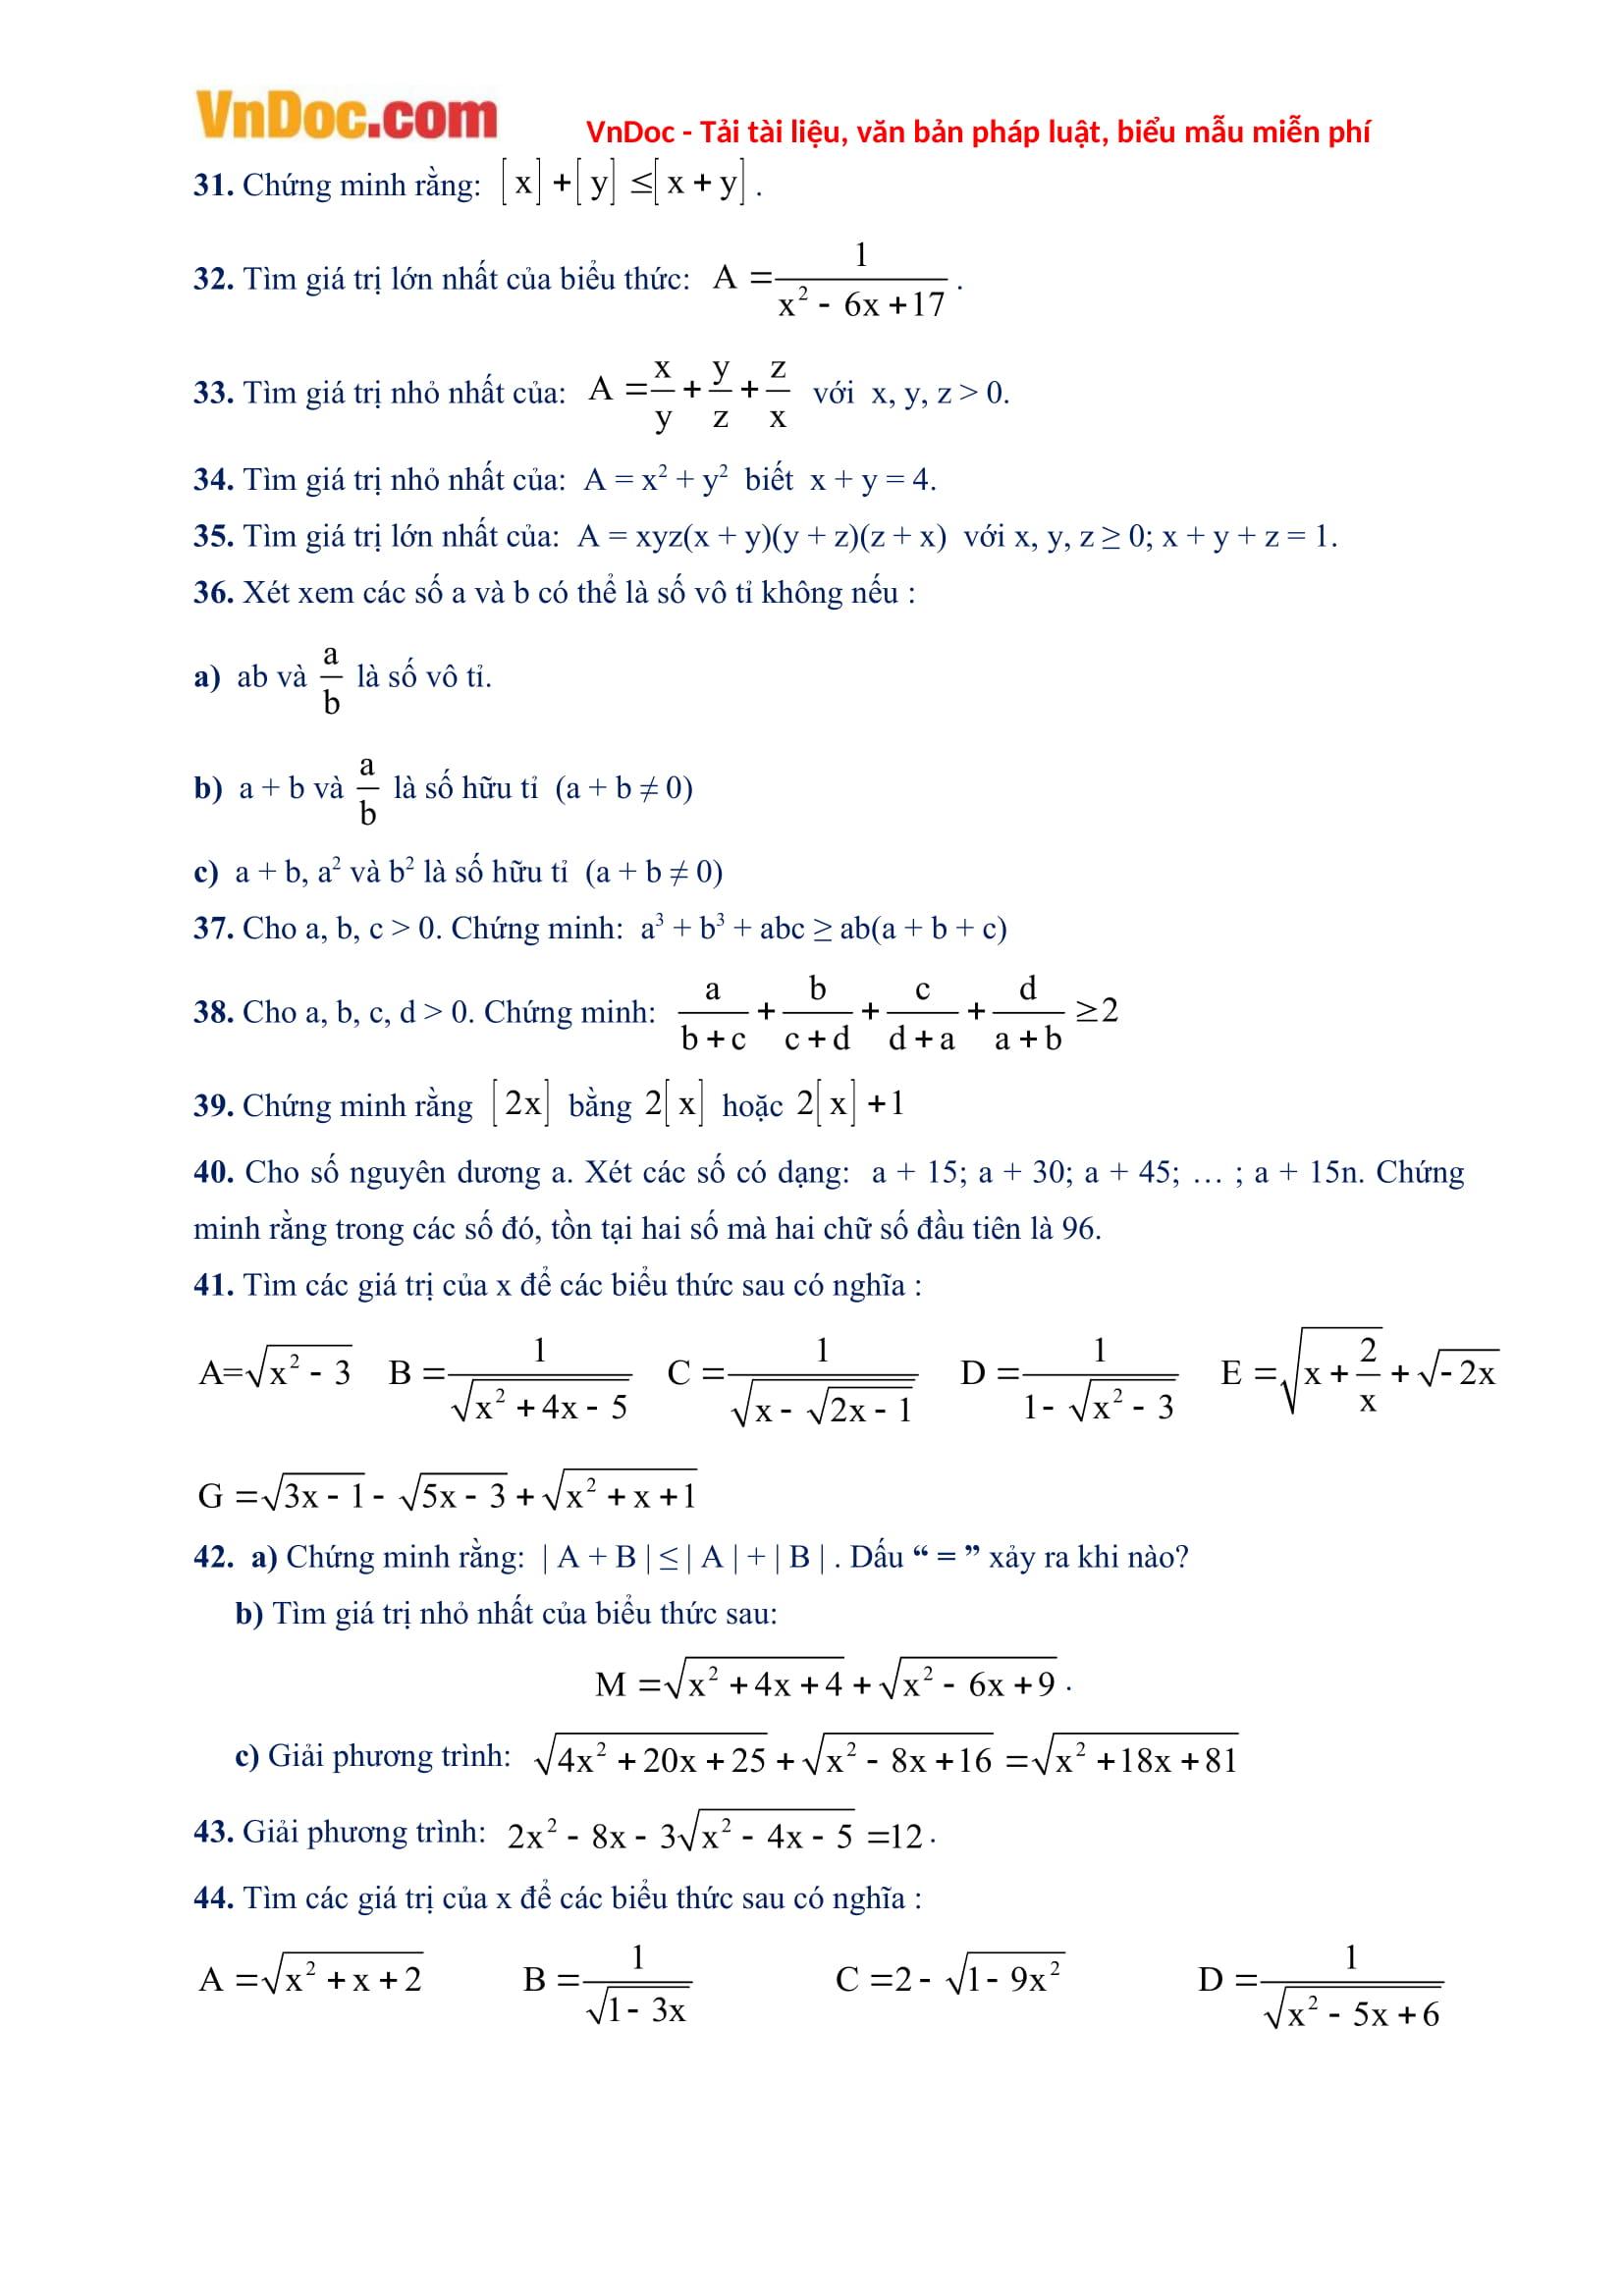 270 Bài toán 9 nâng cao có lời giải